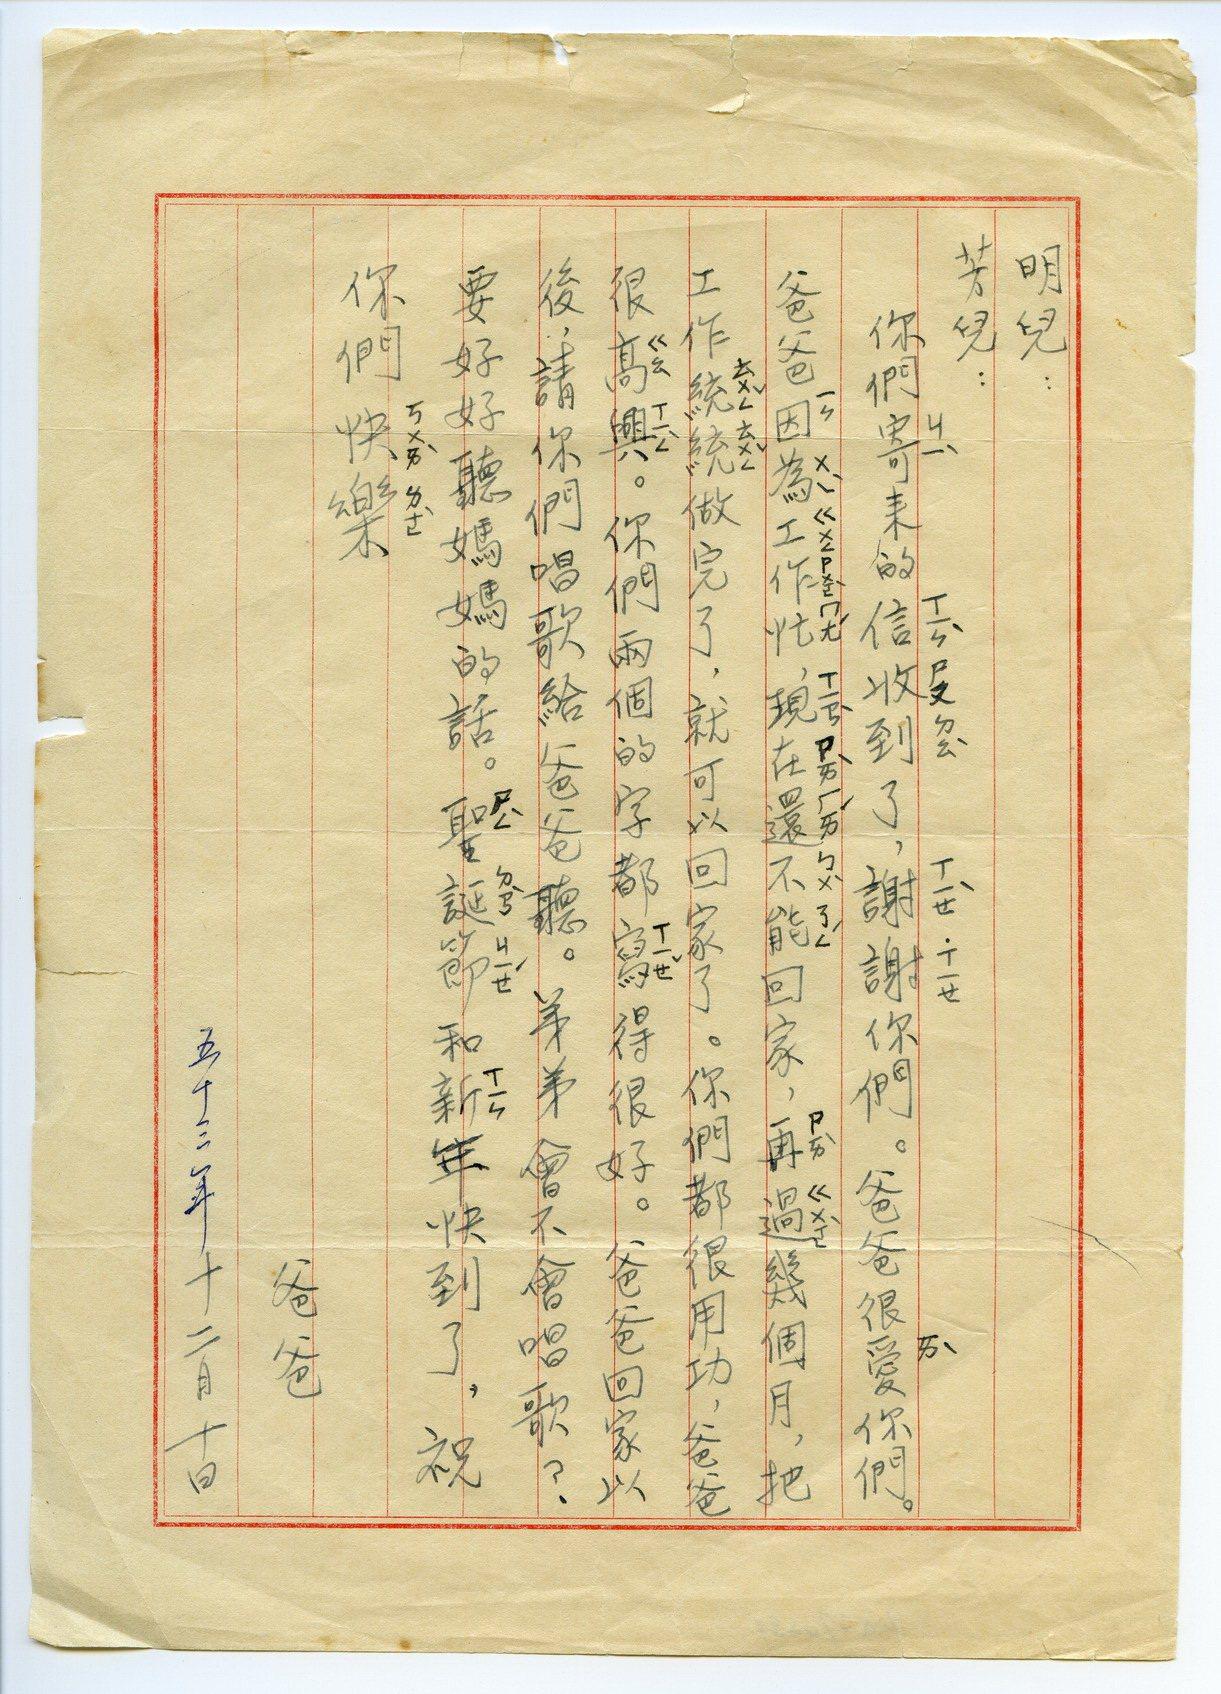 獄中家書少不了柯旗化對妻兒的關懷,他被判刑後隔年,寫回家的信,輔以注音符號,說著...